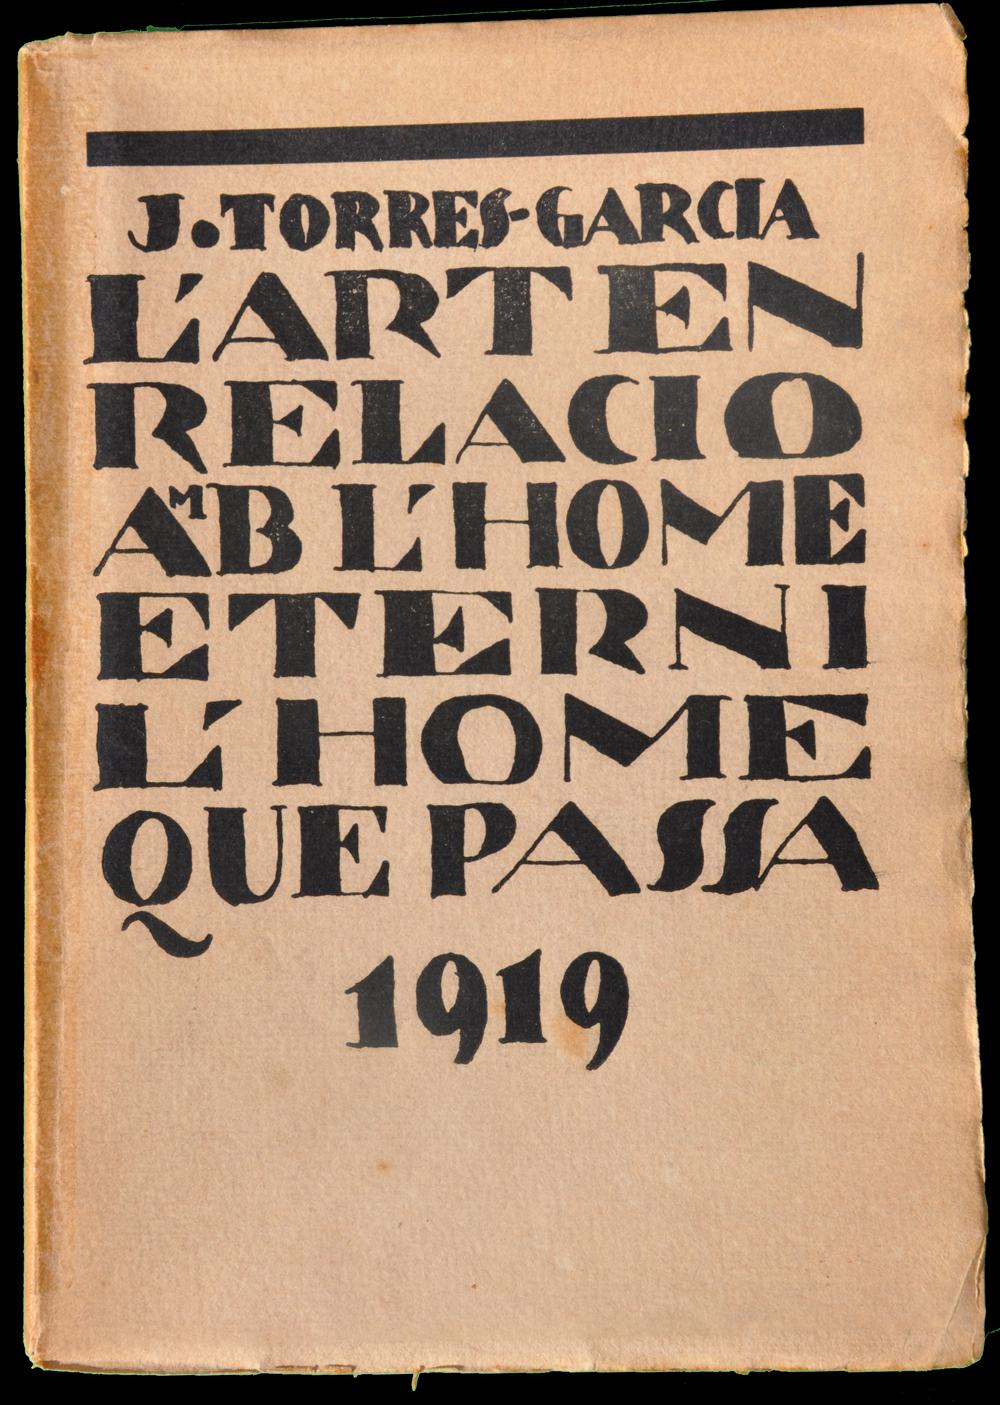 Torres-Garcia, L'art en relació amb lhome etern i l'home que passa 1919 còpia